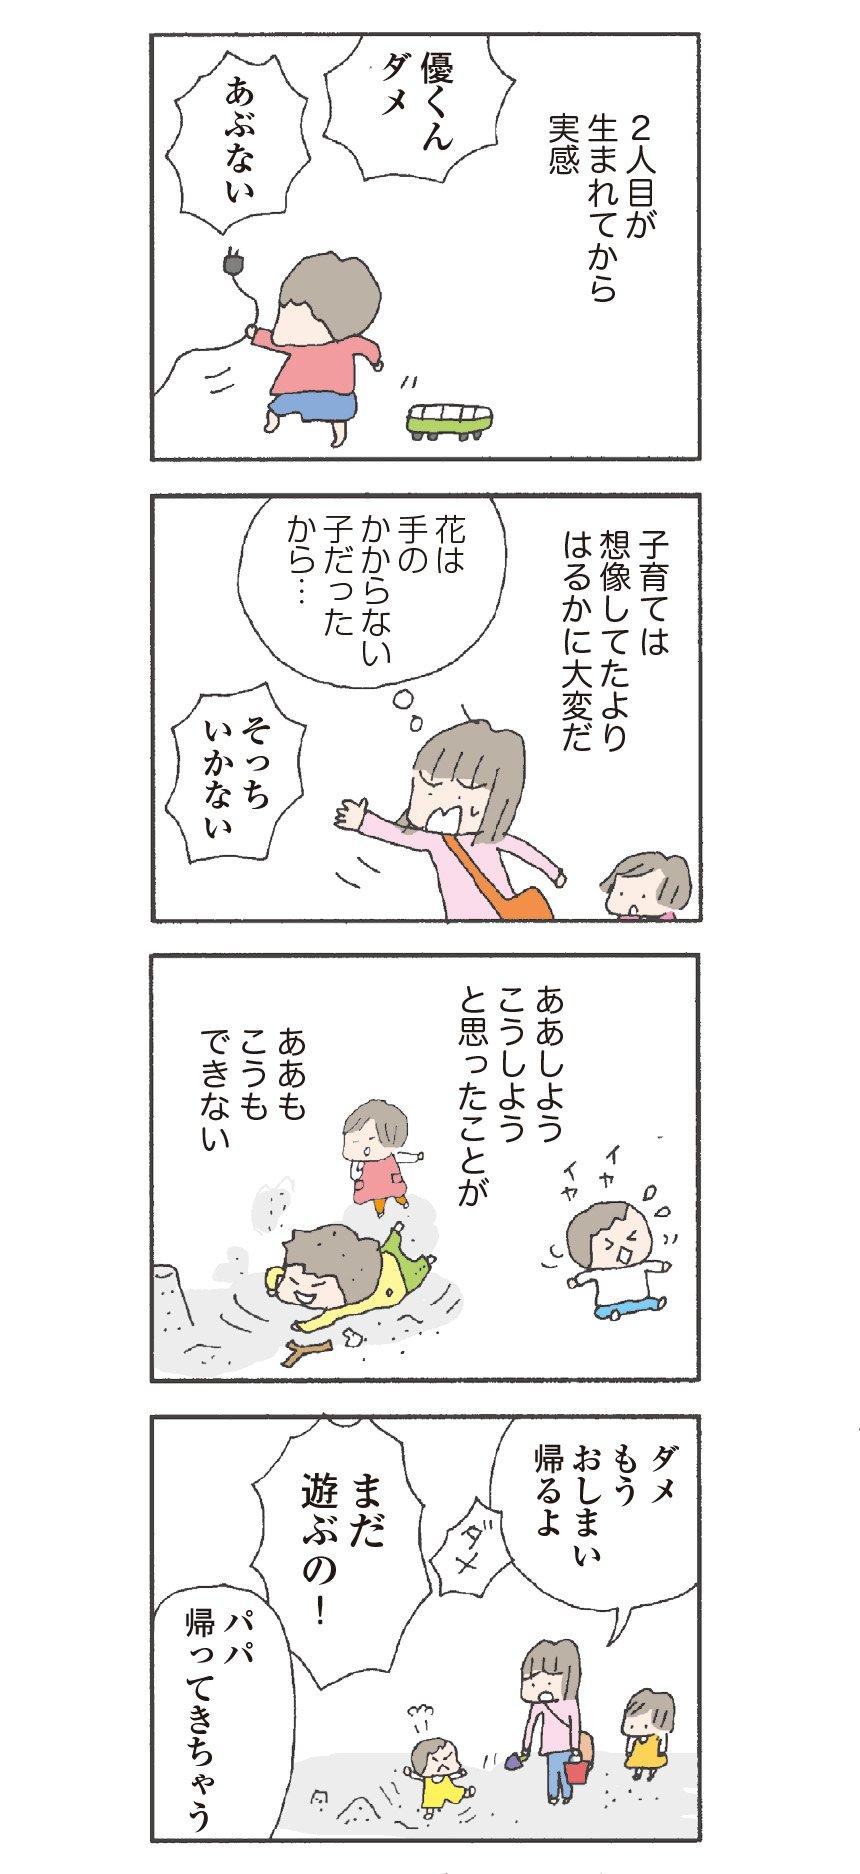 し です いい か も 場合 ネタバレ の て 翔子 離婚 離婚してもいいですか 翔子の場合